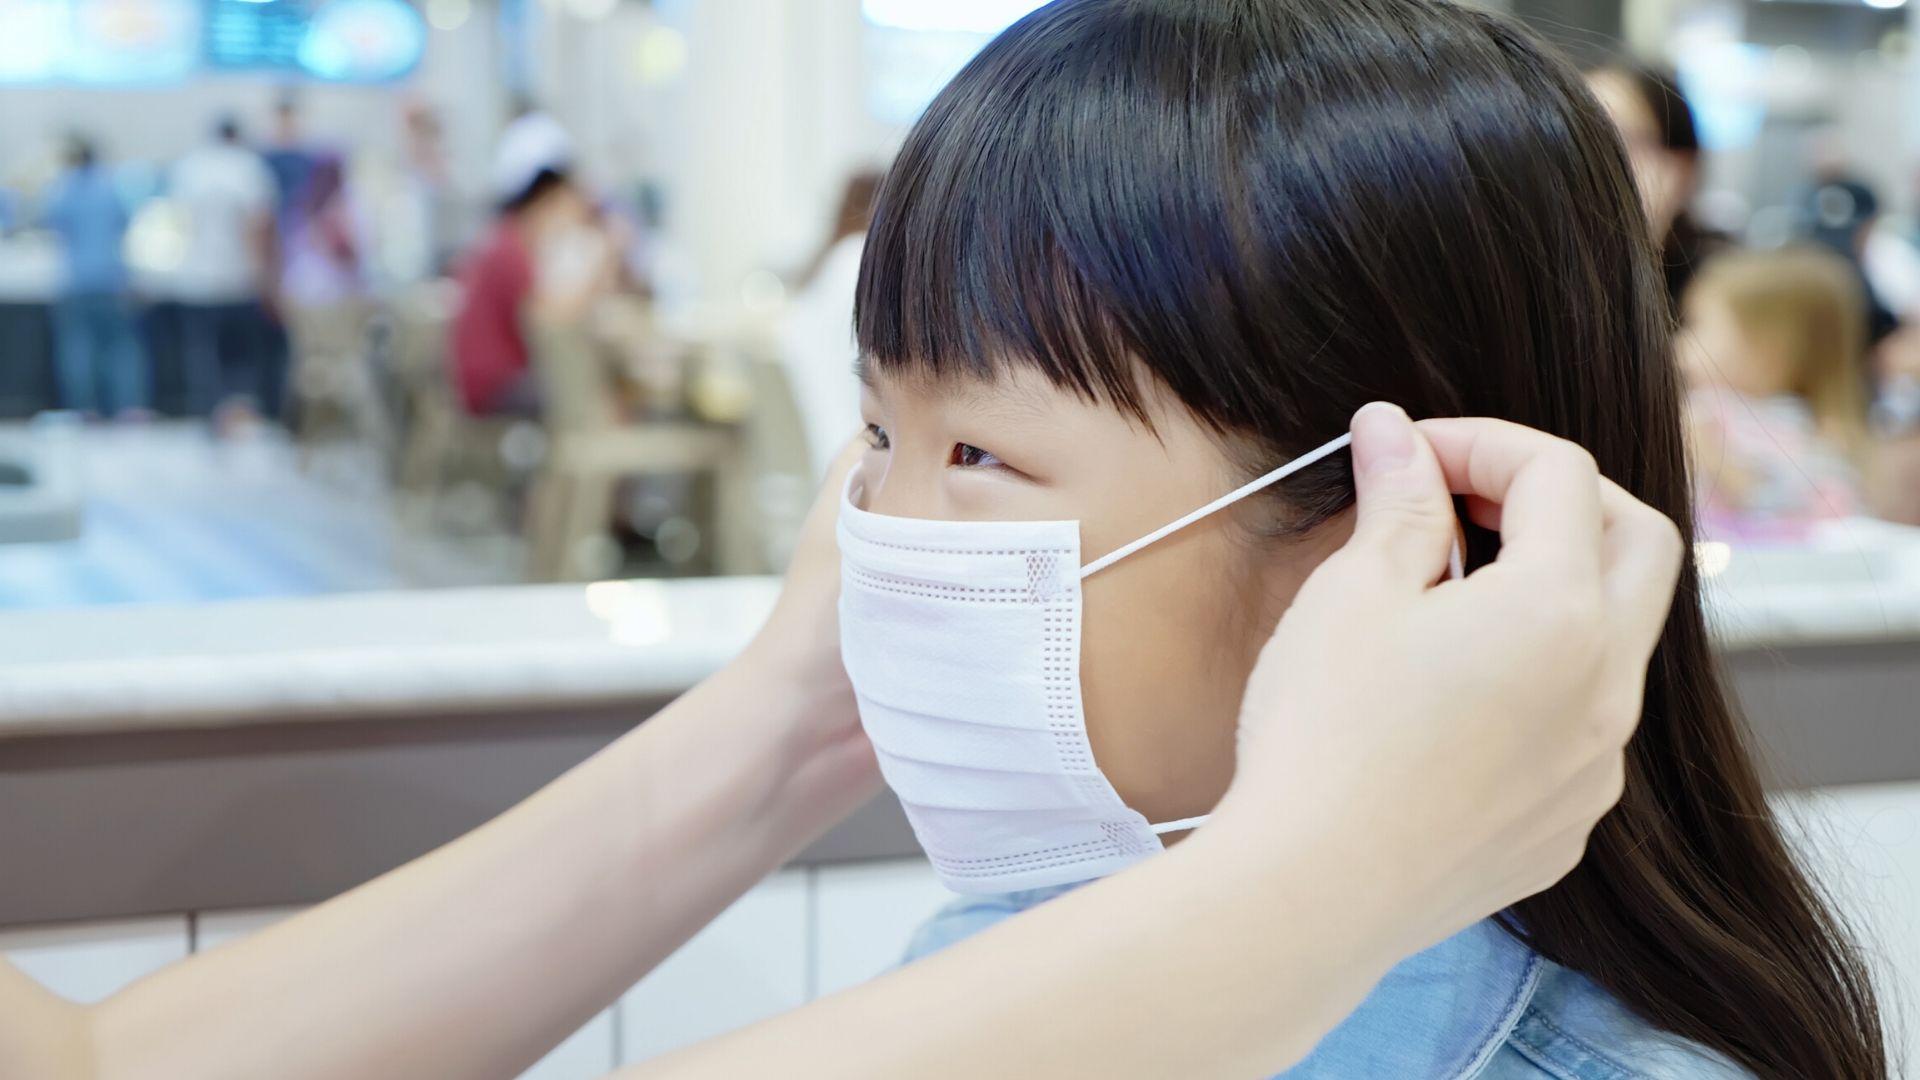 Les enfants doivent-ils porter des masques